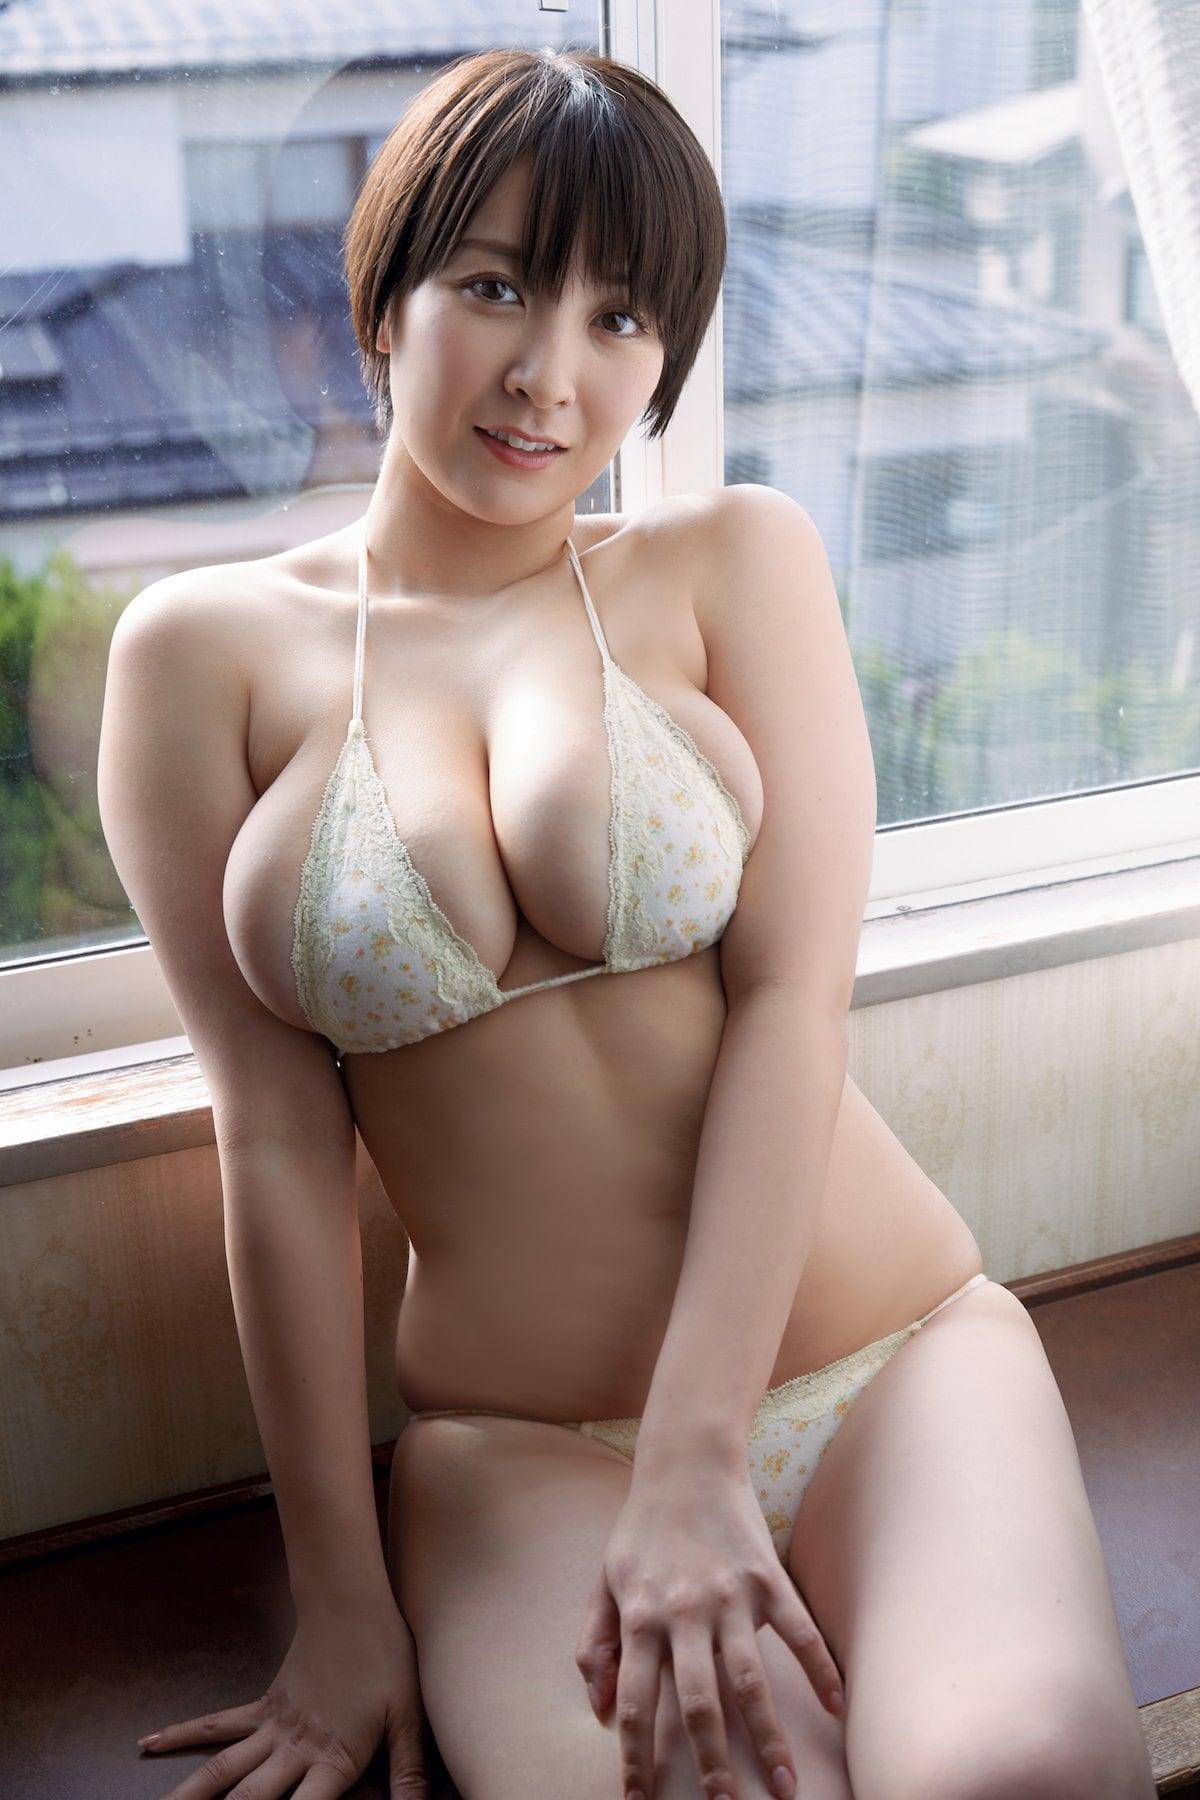 紺野栞「むちむちボディ」飛び出しそうな3Dバストをお届け!【画像10枚】の画像002